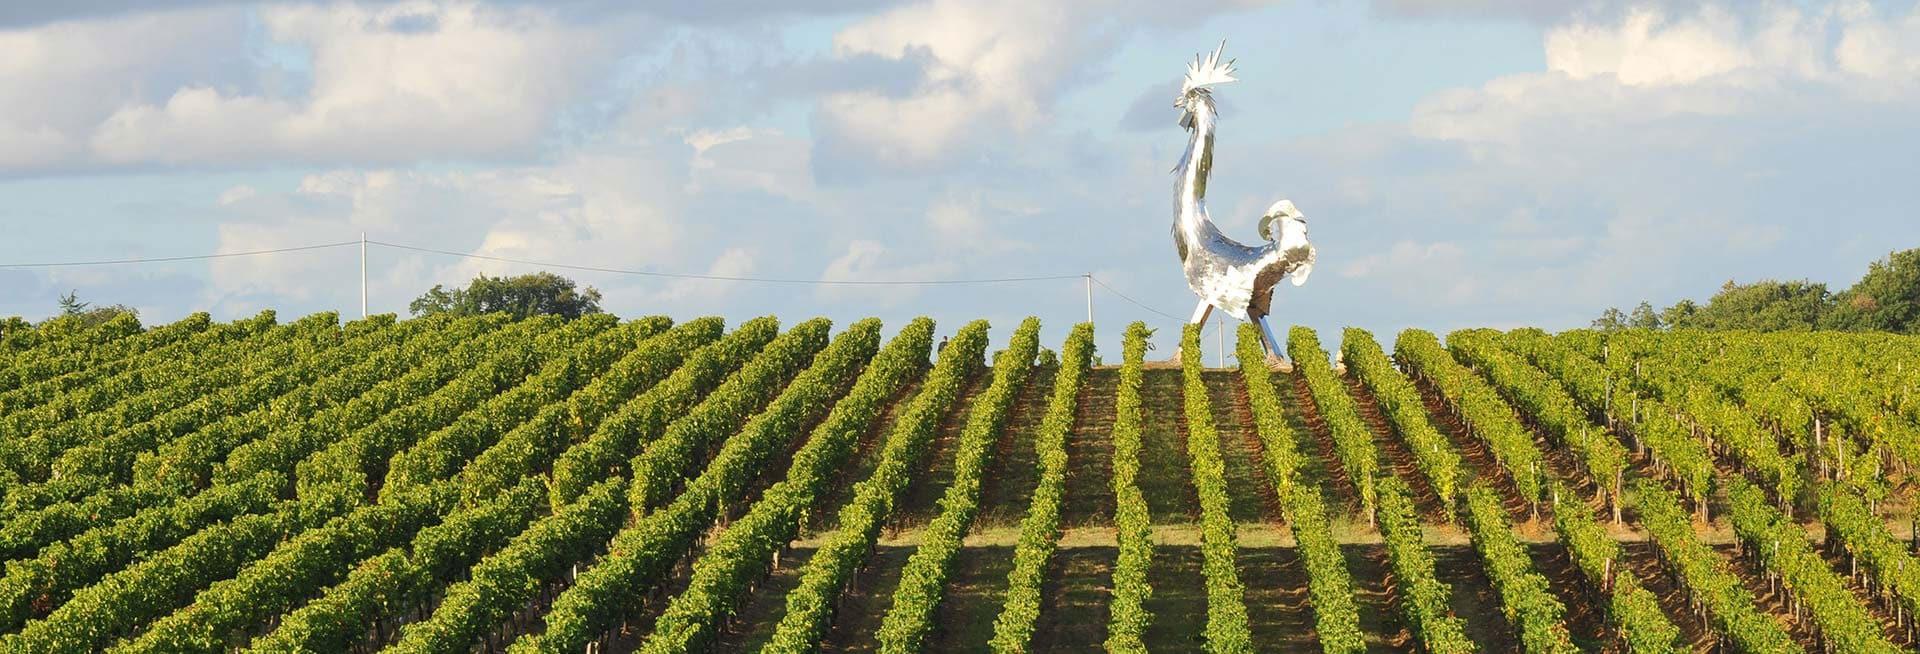 Vignoble du Chateau La France